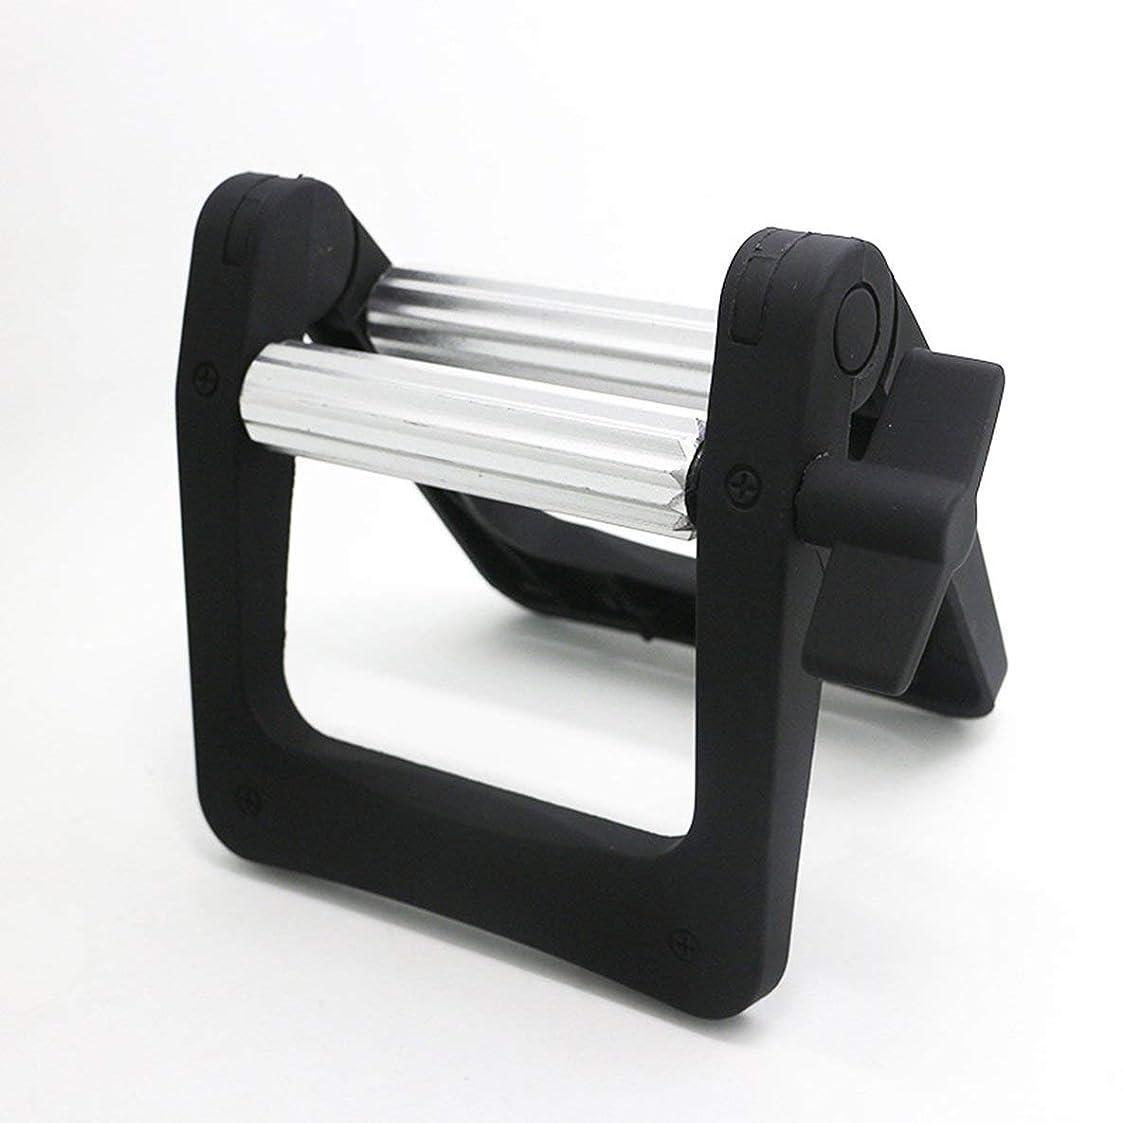 段階人気のスポーツをする多機能金属ローリングチューブスクイーザヘアダイクリームスクイーザ浴室歯磨き粉スクイーザディスペンサーツール - 黒